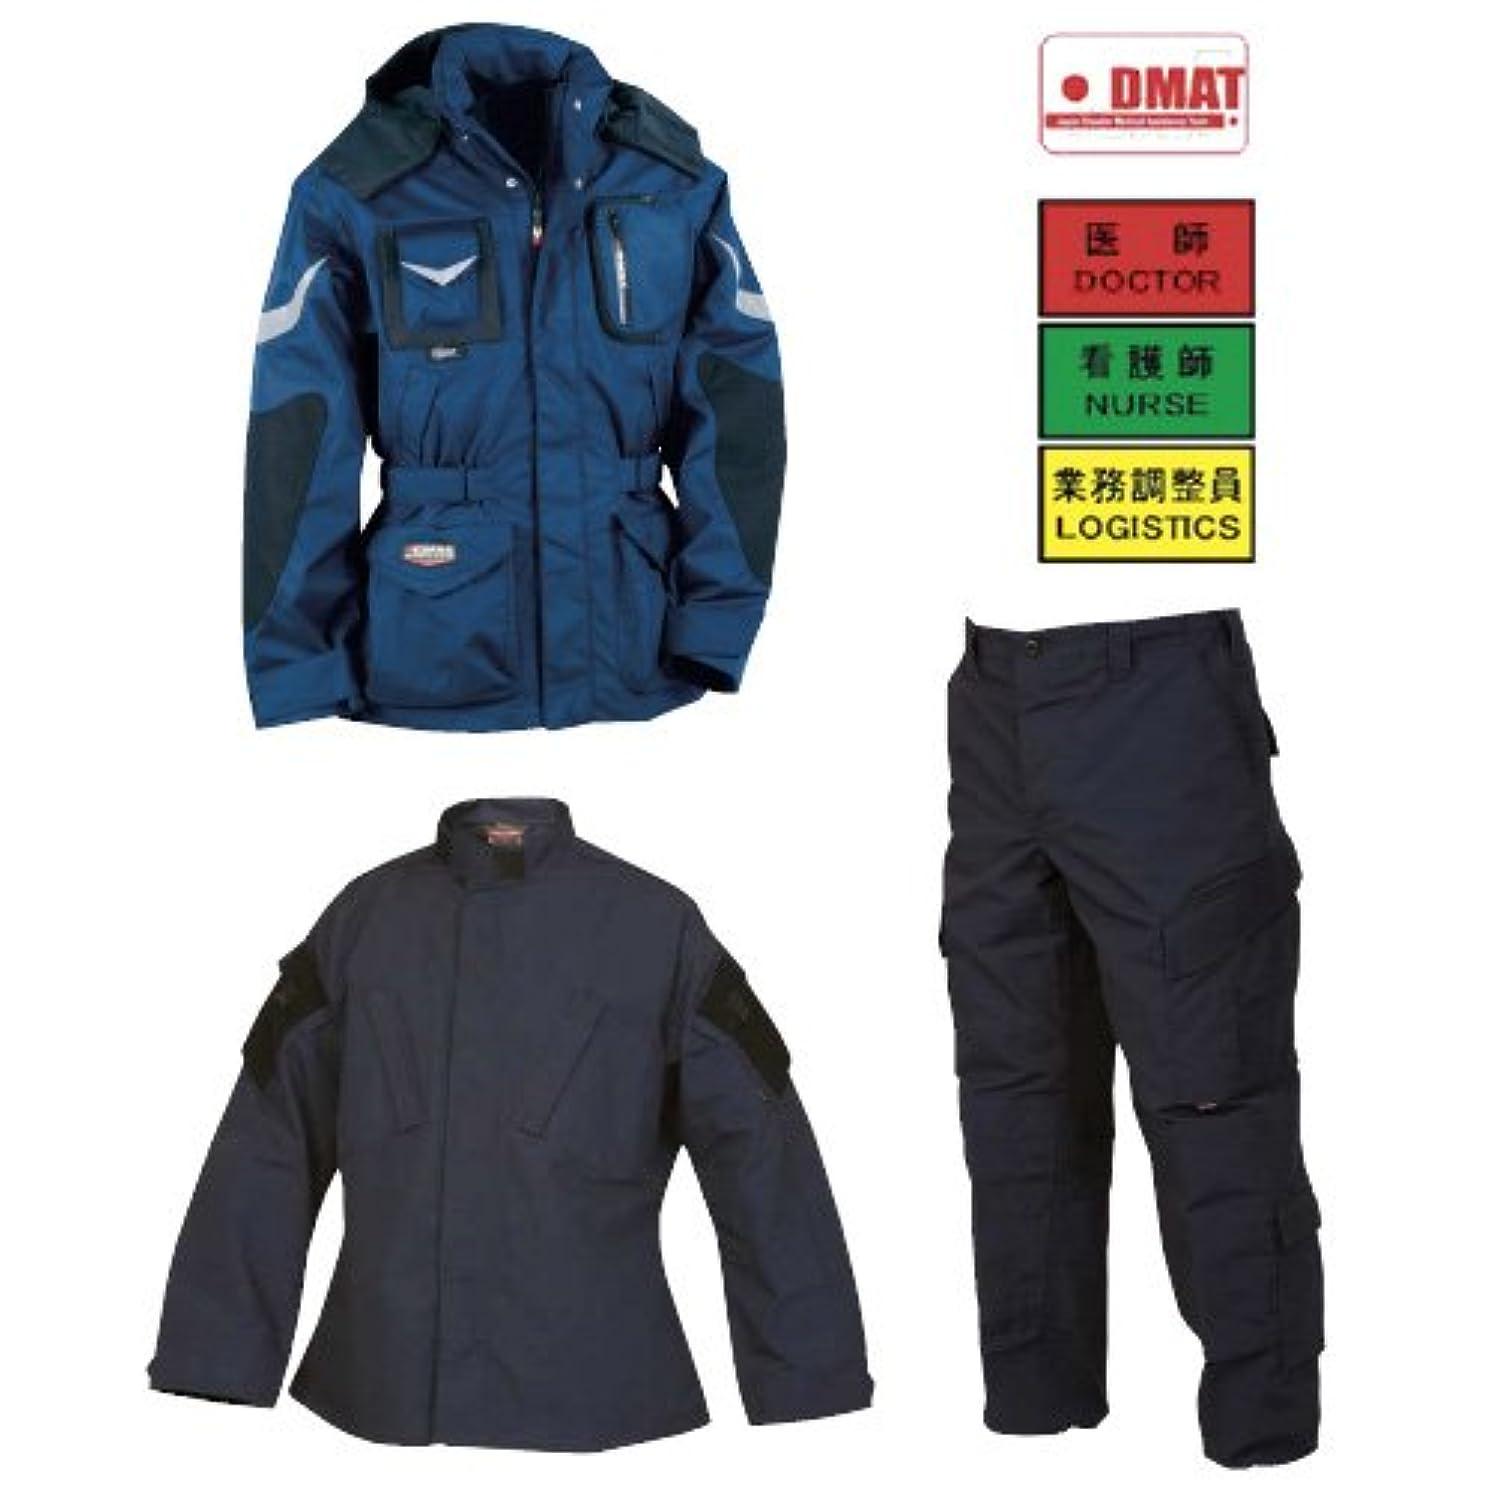 着る容量オアシスEMSユーティリティシャツ GLS-247S(S) EMS?????????? ネイビー(23-7533-00-01)【日本特装】[1枚単位]